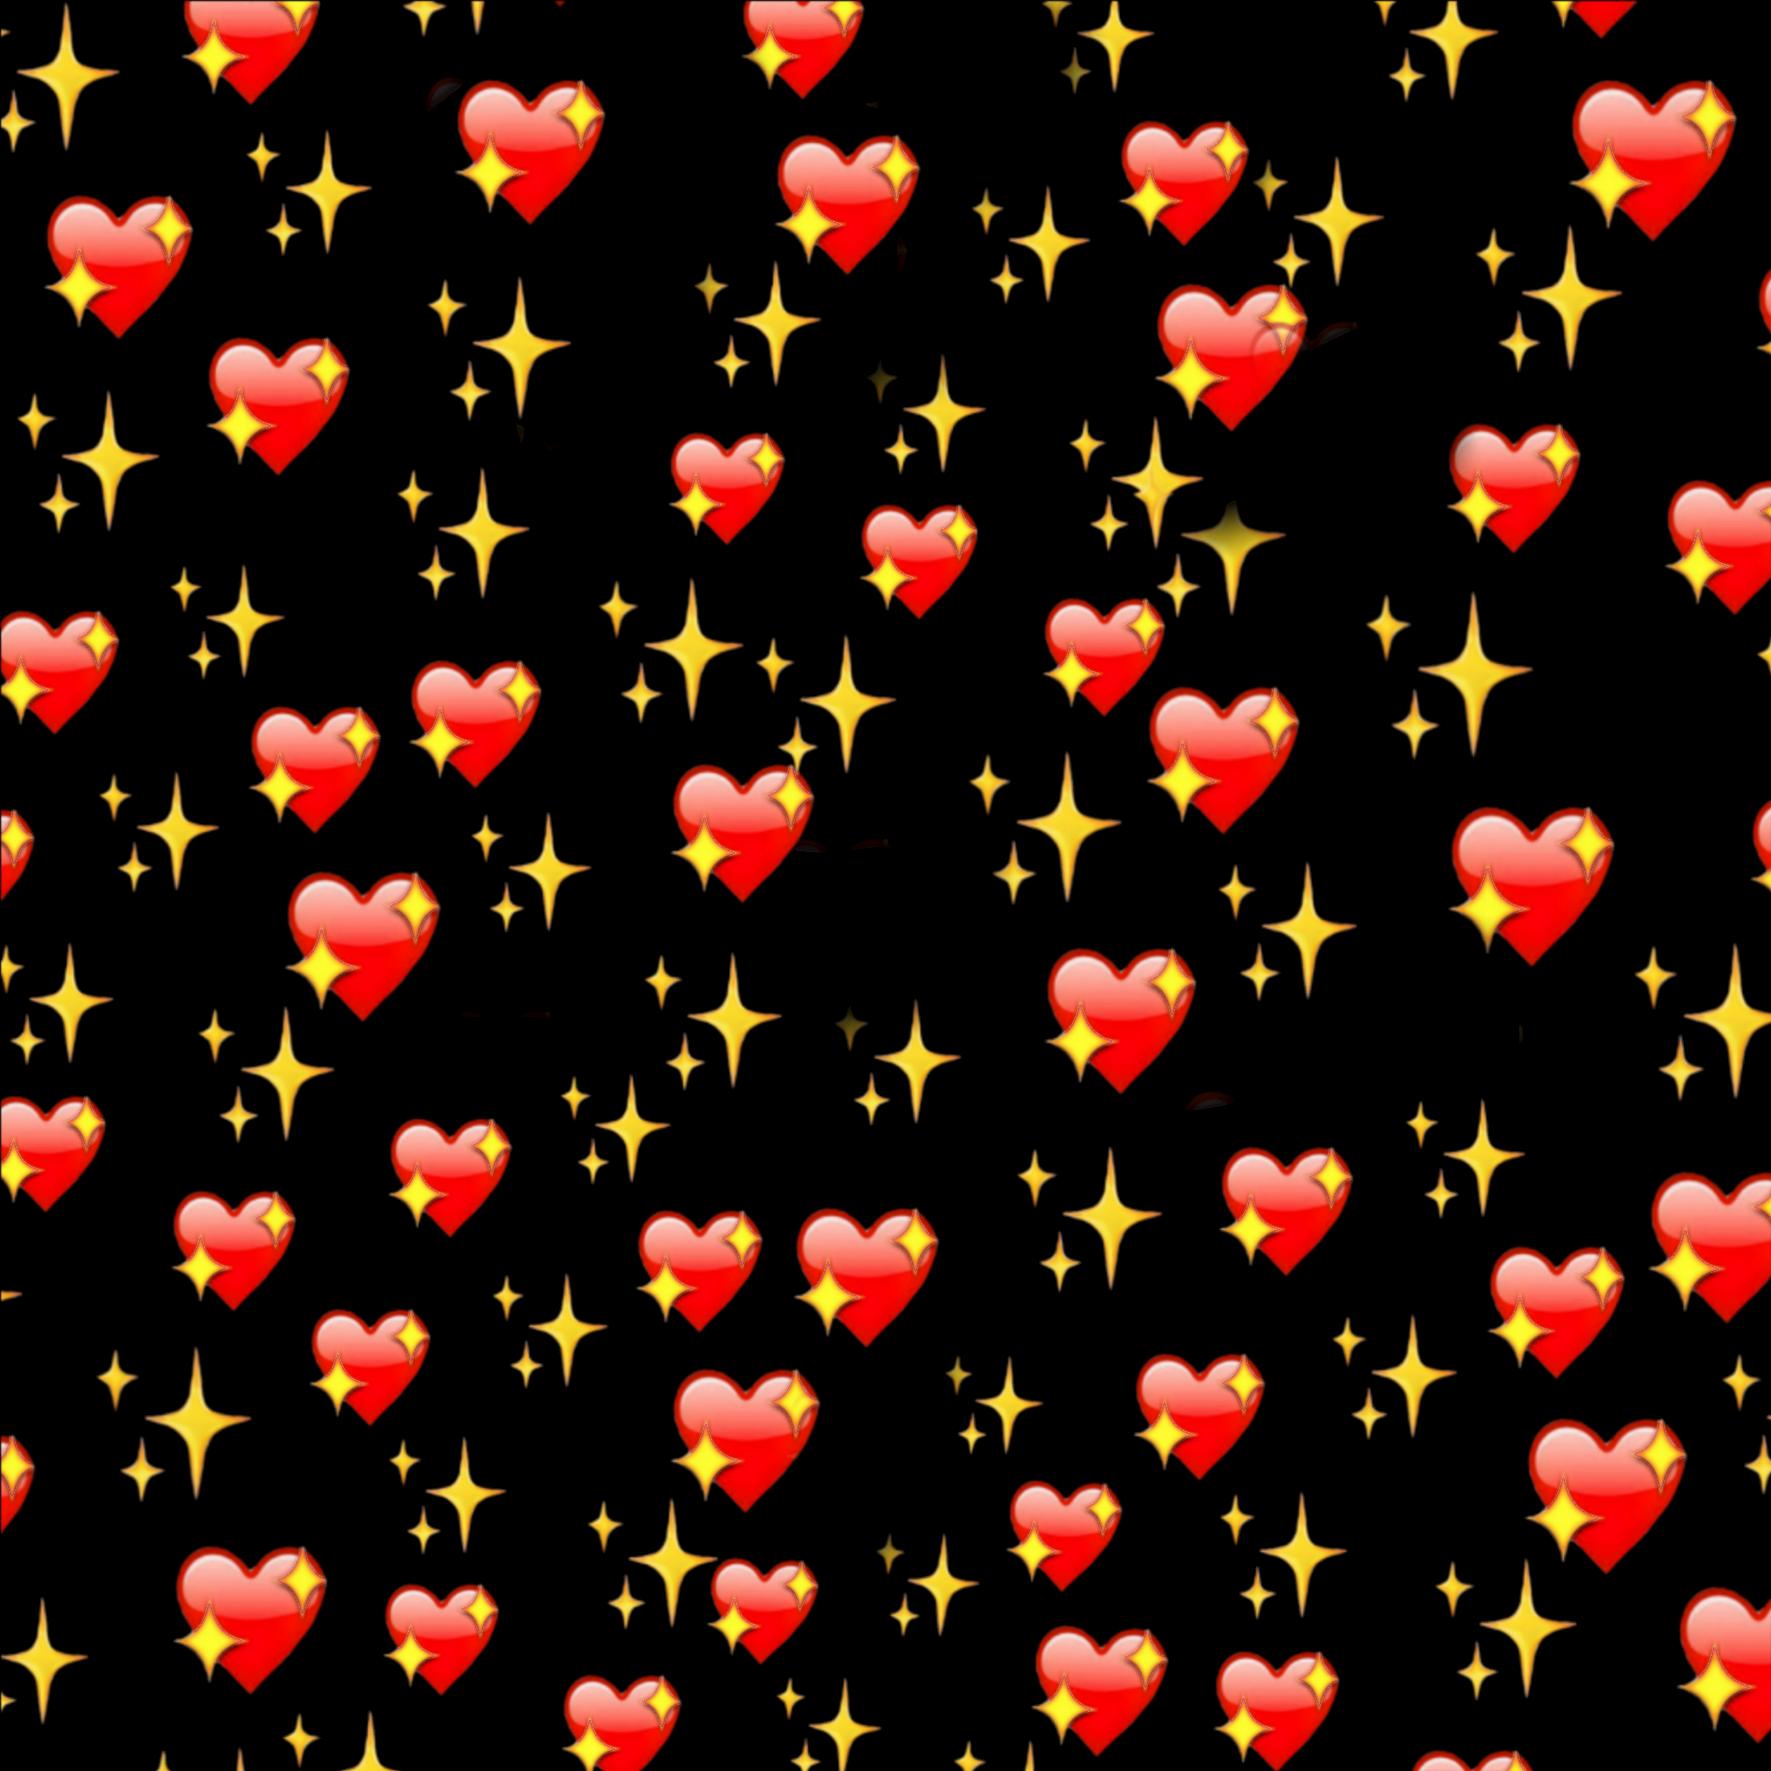 Картинка из сердечек смайлов